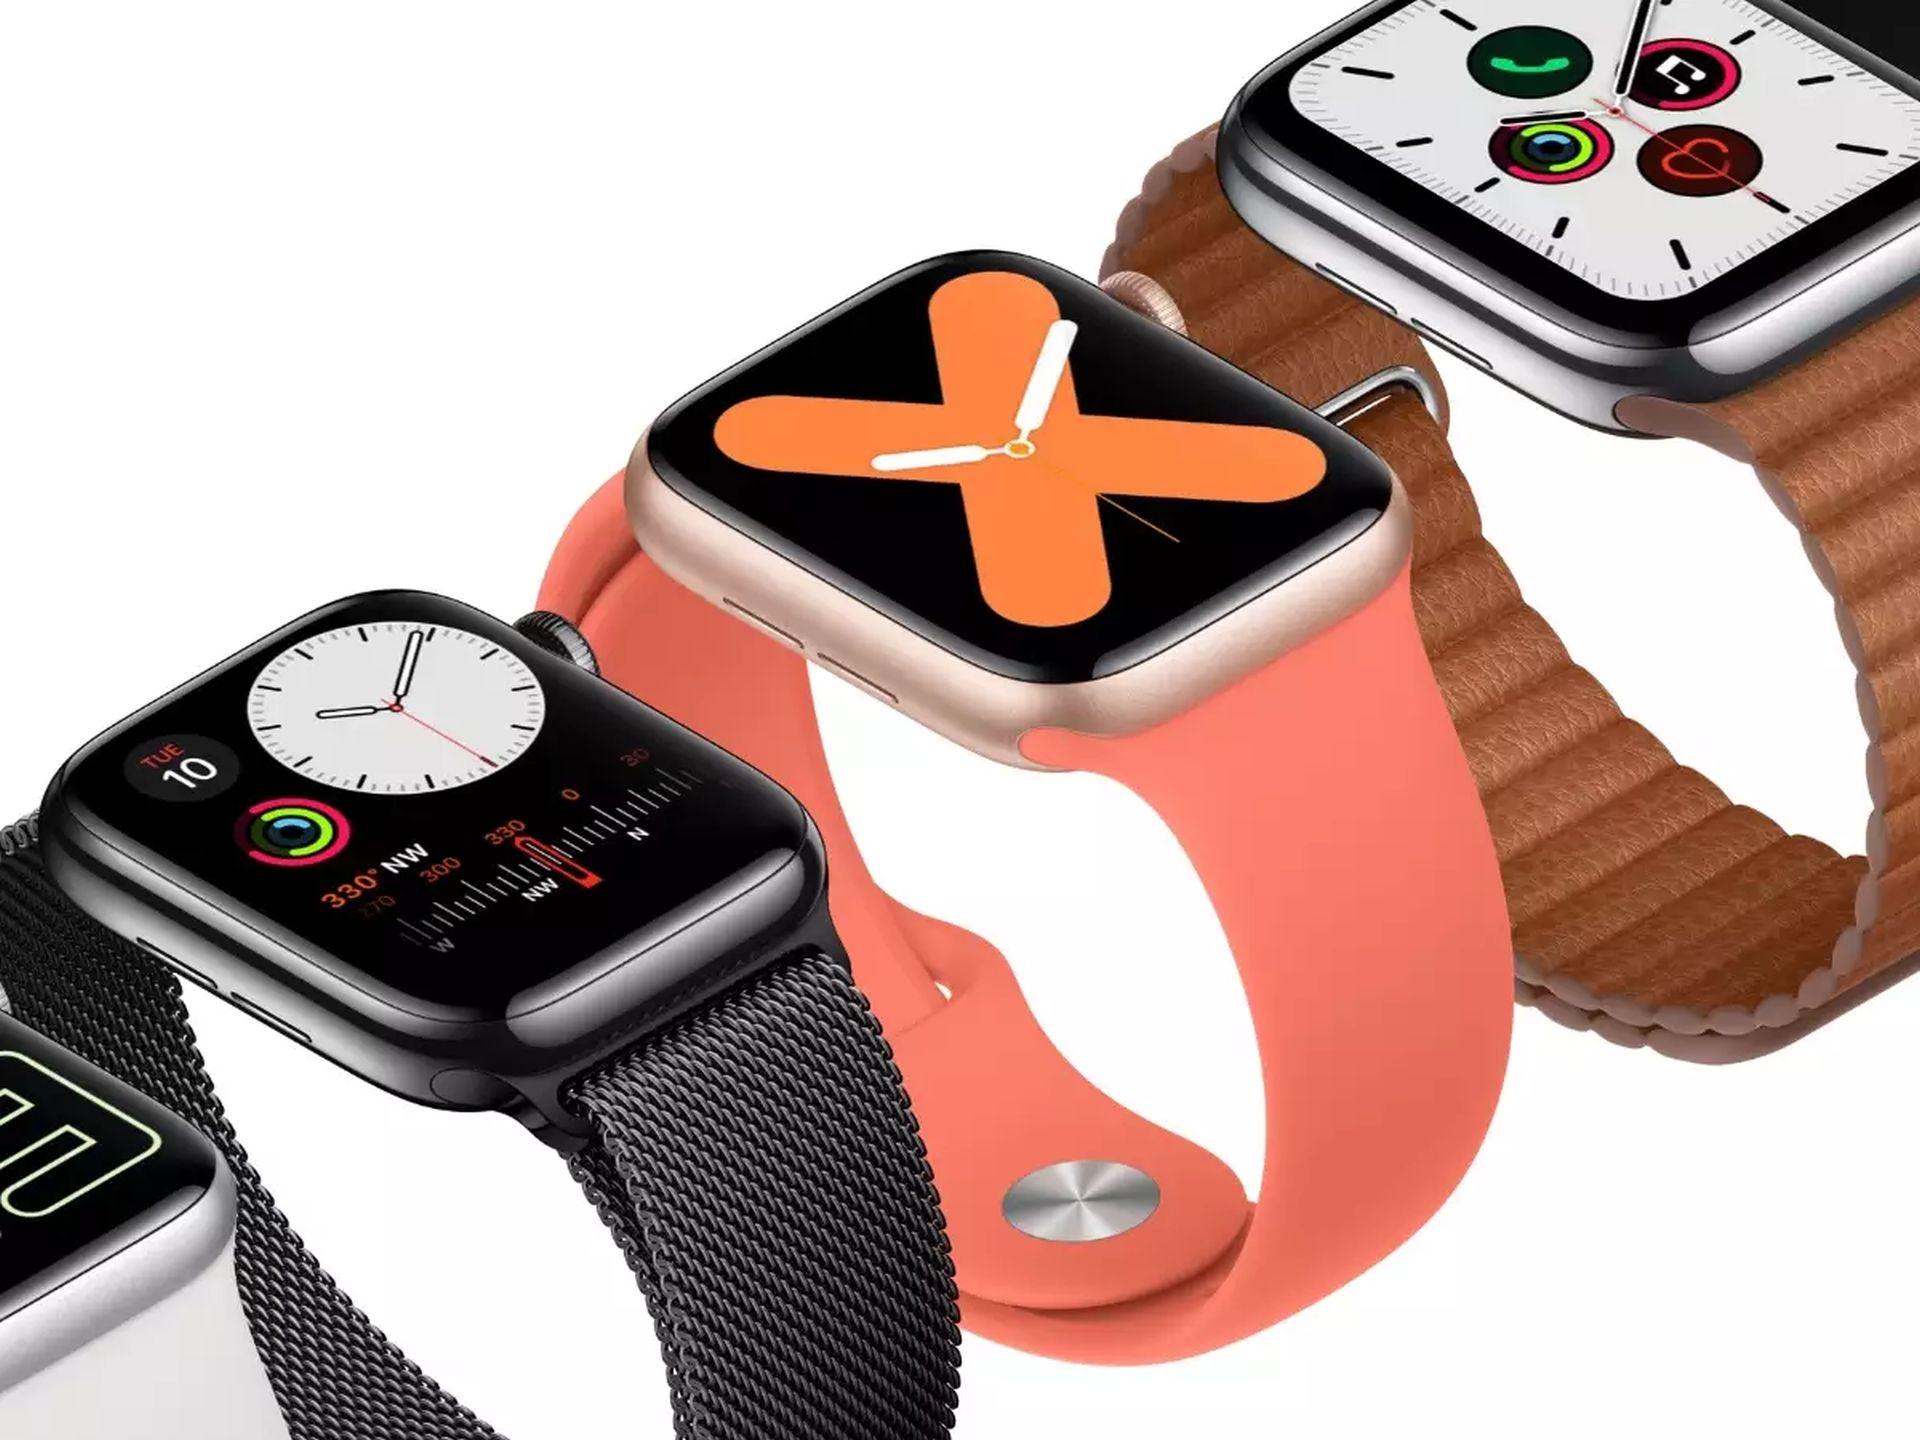 Quanta Computer być może przestanie montować Apple Watch